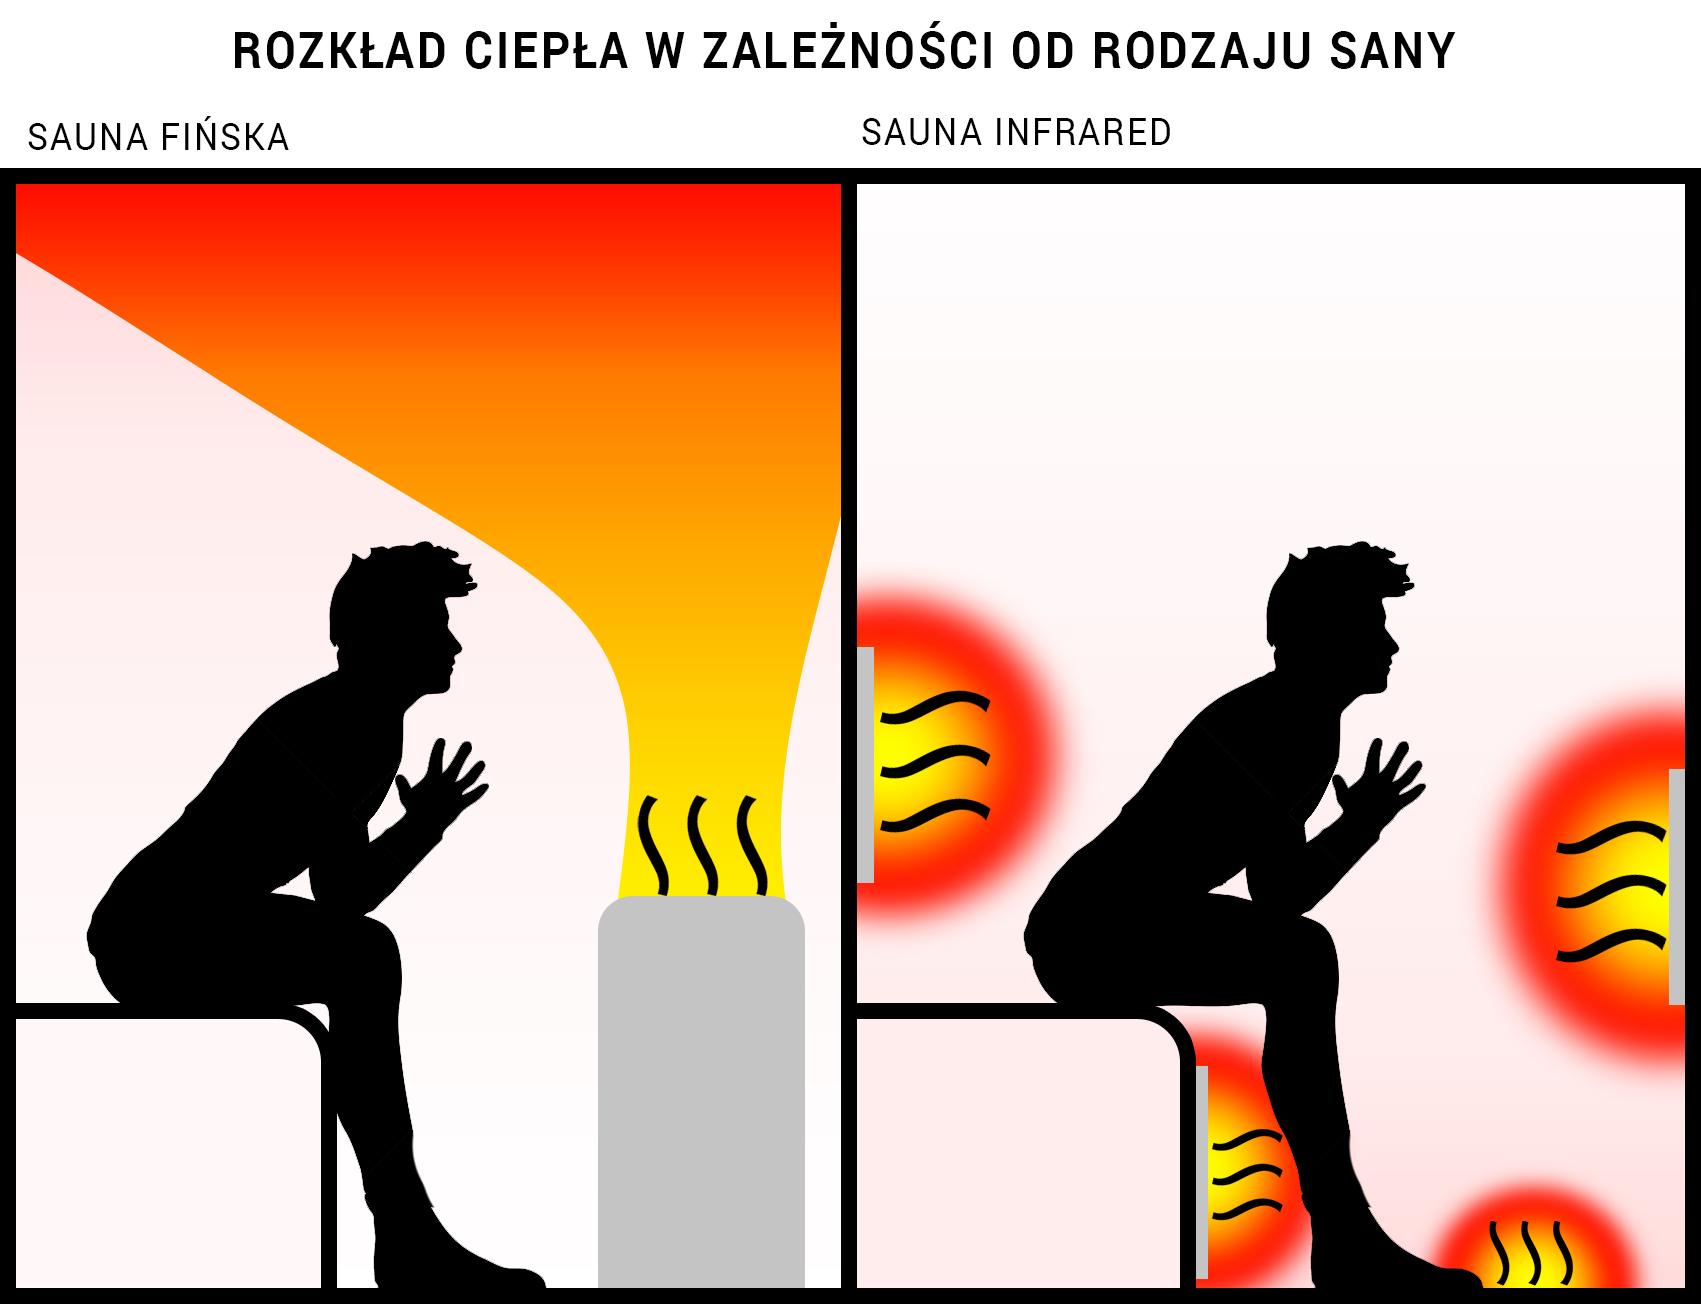 działanie sauny fińskiej i sauny infrared - rozkład ciepła